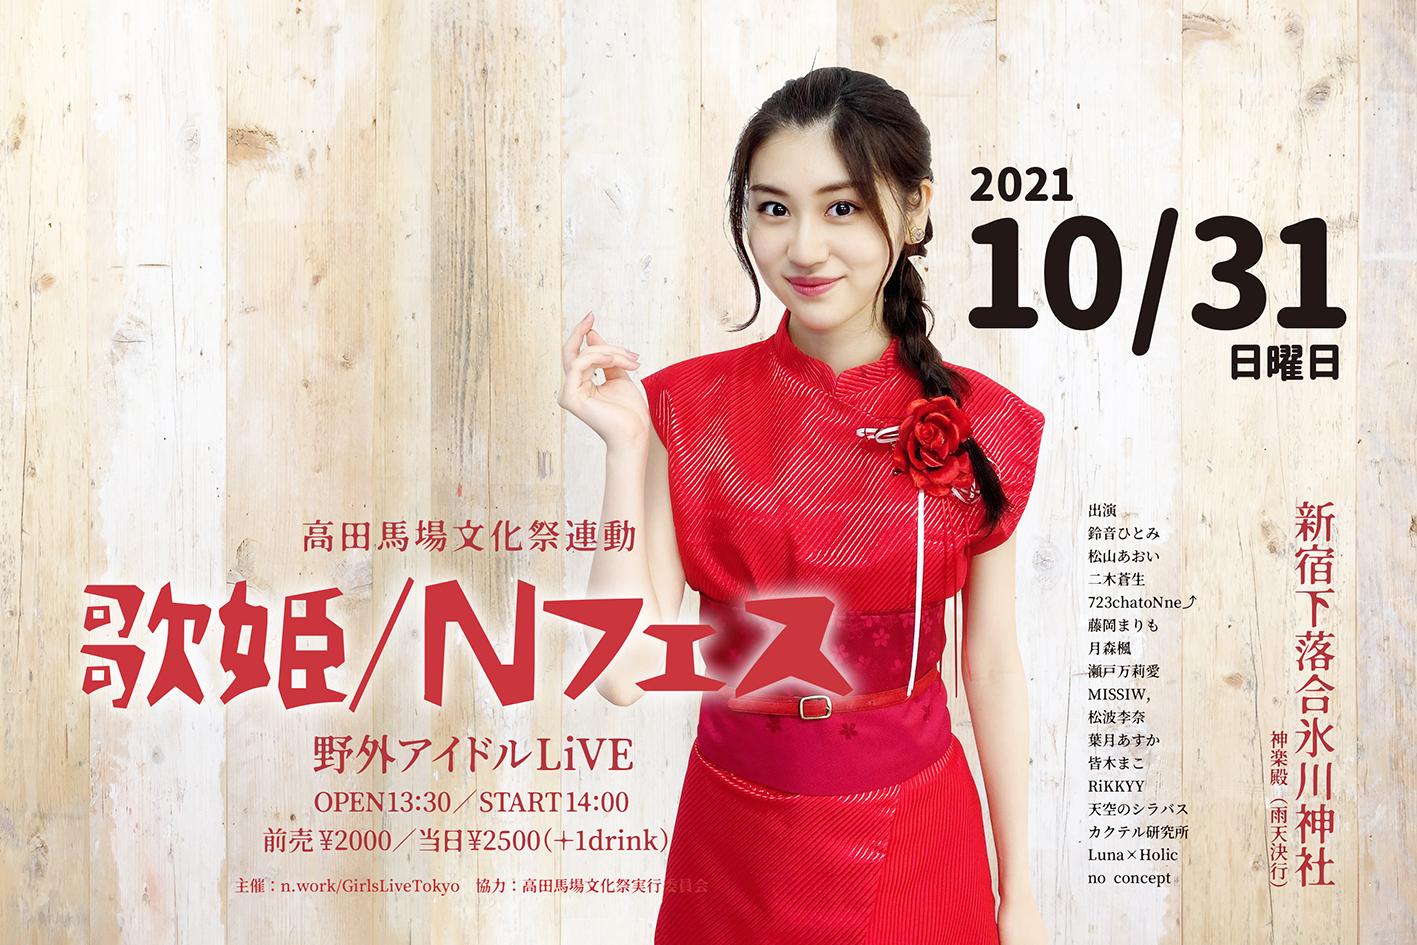 10/31(日)高田馬場文化祭連動「歌姫/Nフェス 野外アイドルLiVE」